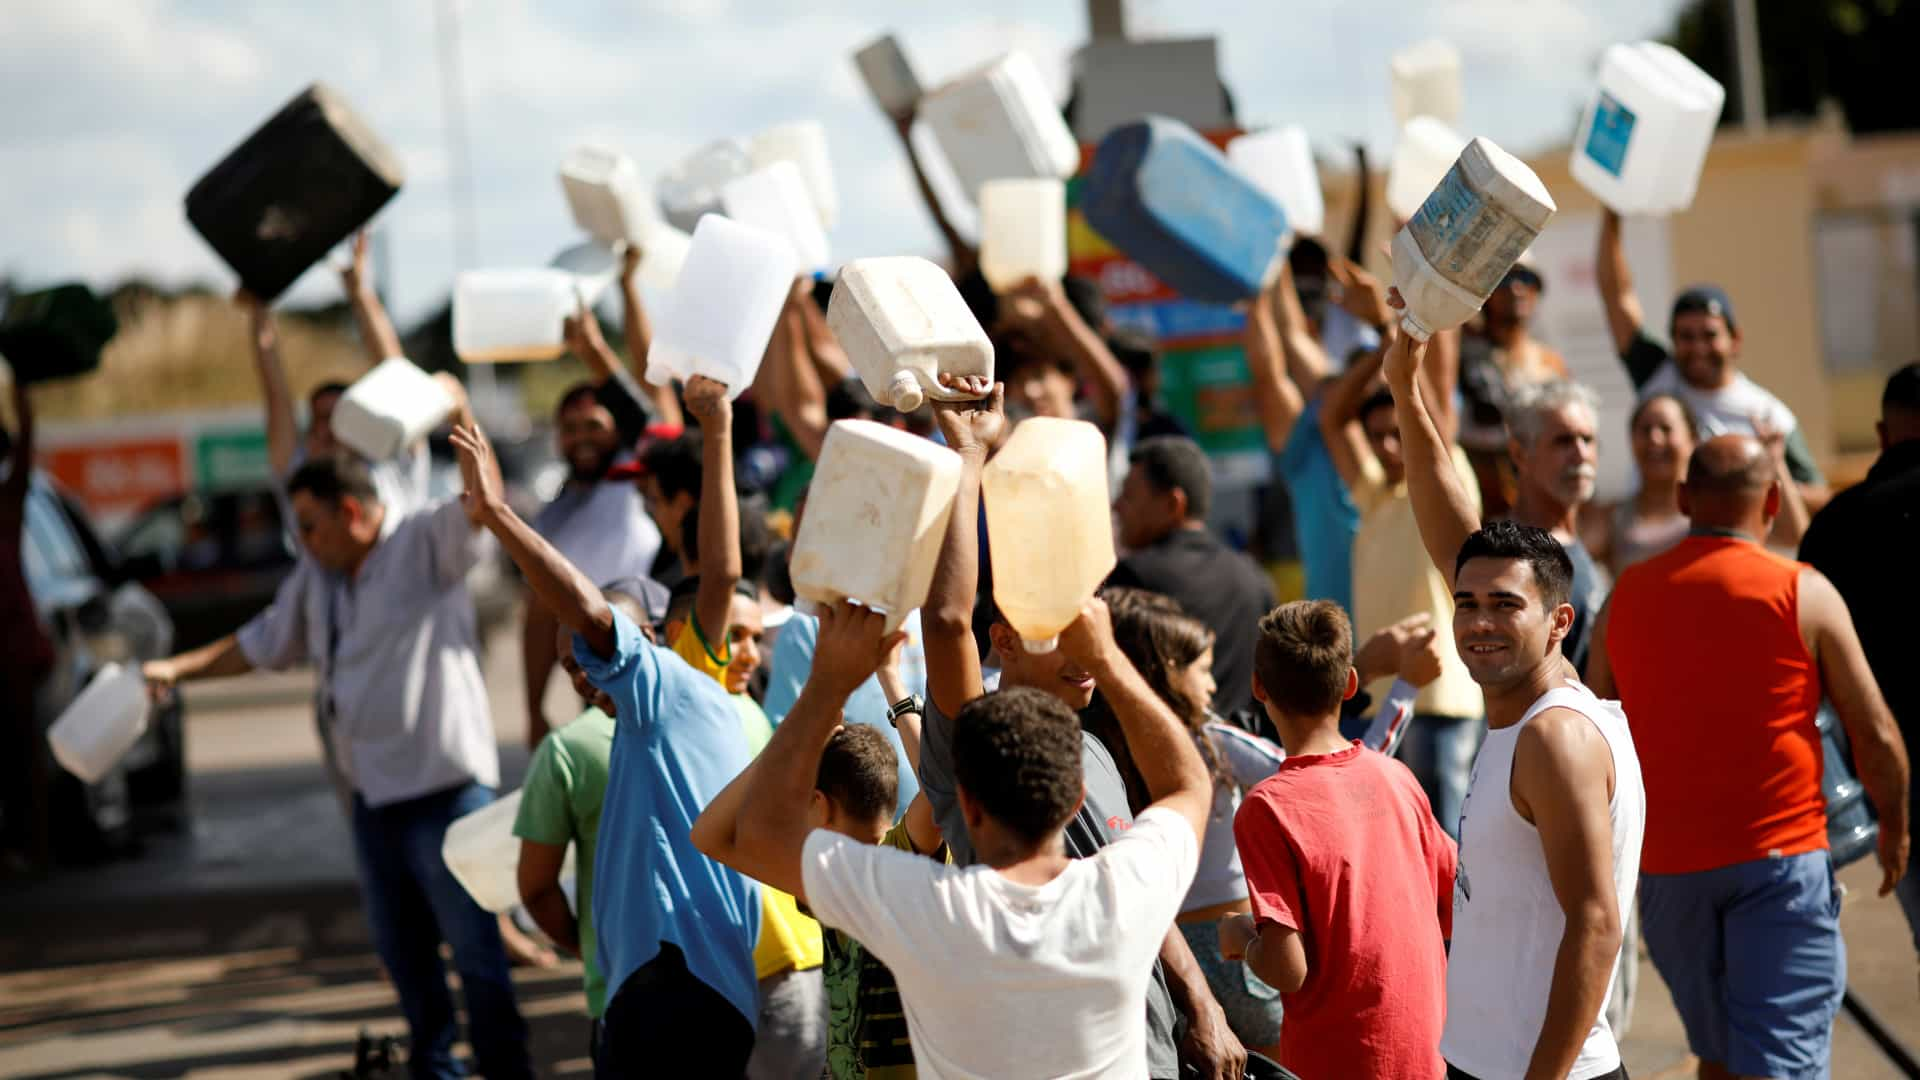 Brasil aciona Exército para desimpedir estradas bloqueadas pela greve